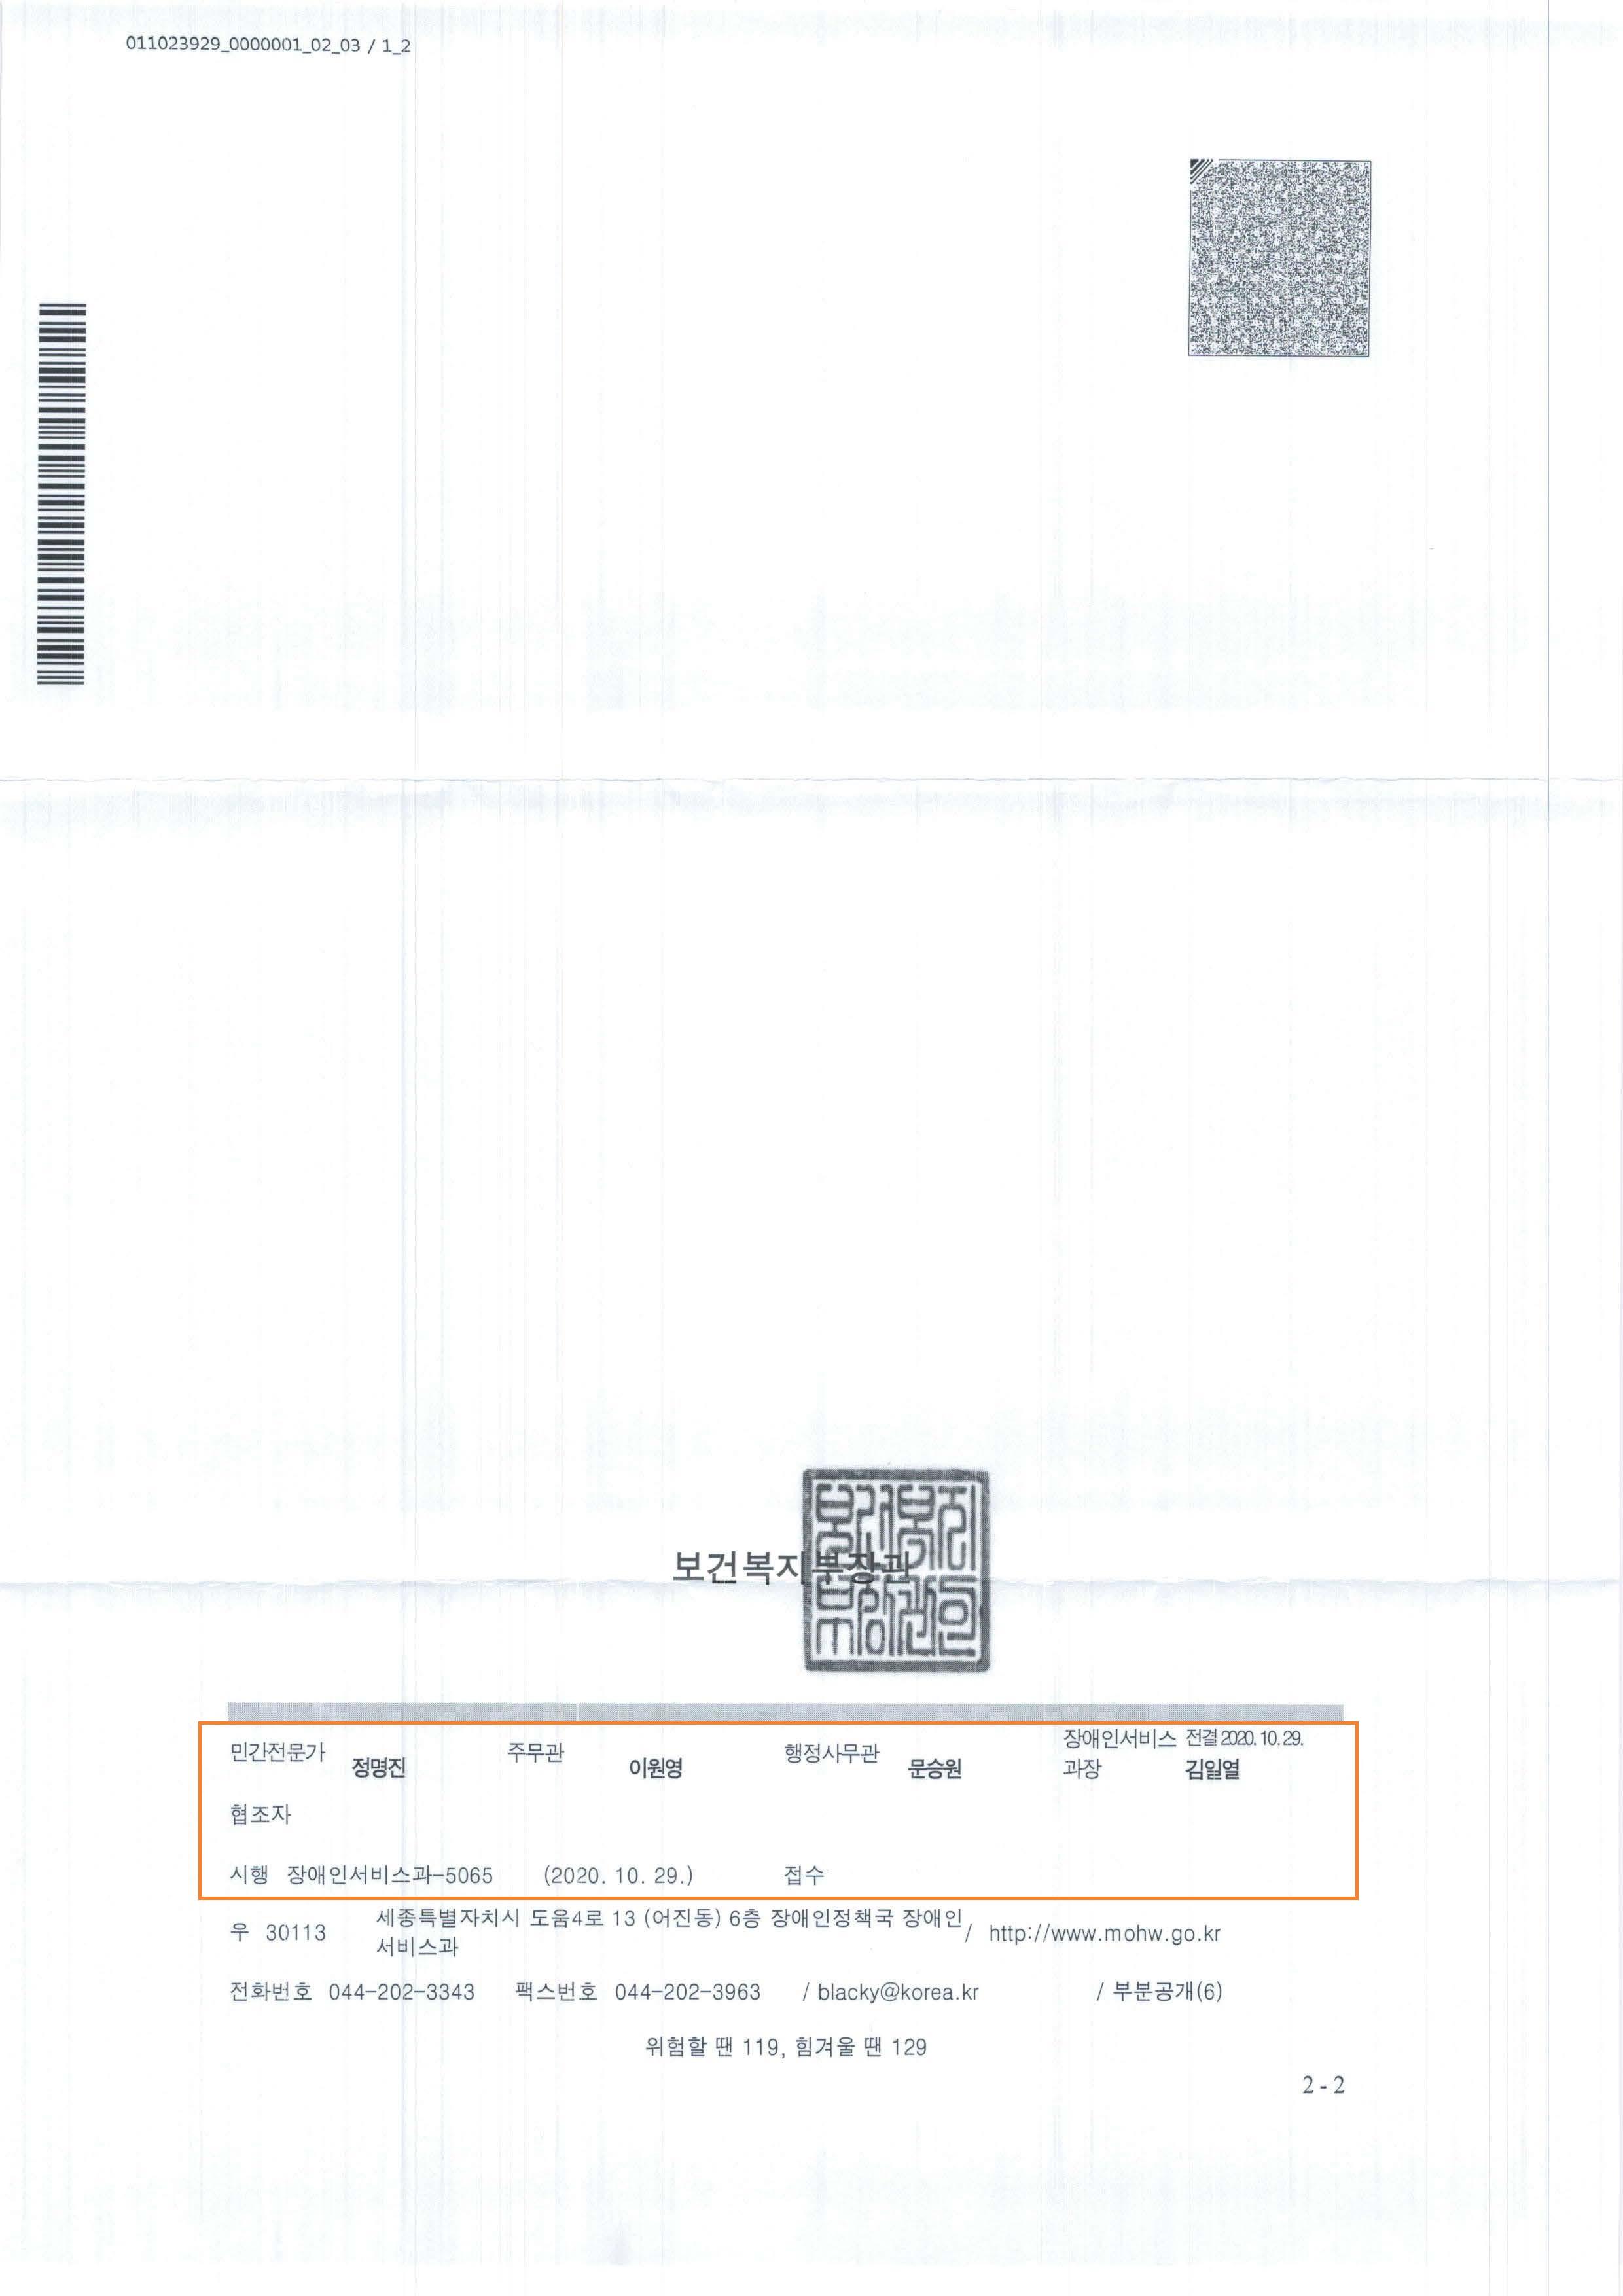 20.12.28_웹뉴스레터_6.jpg